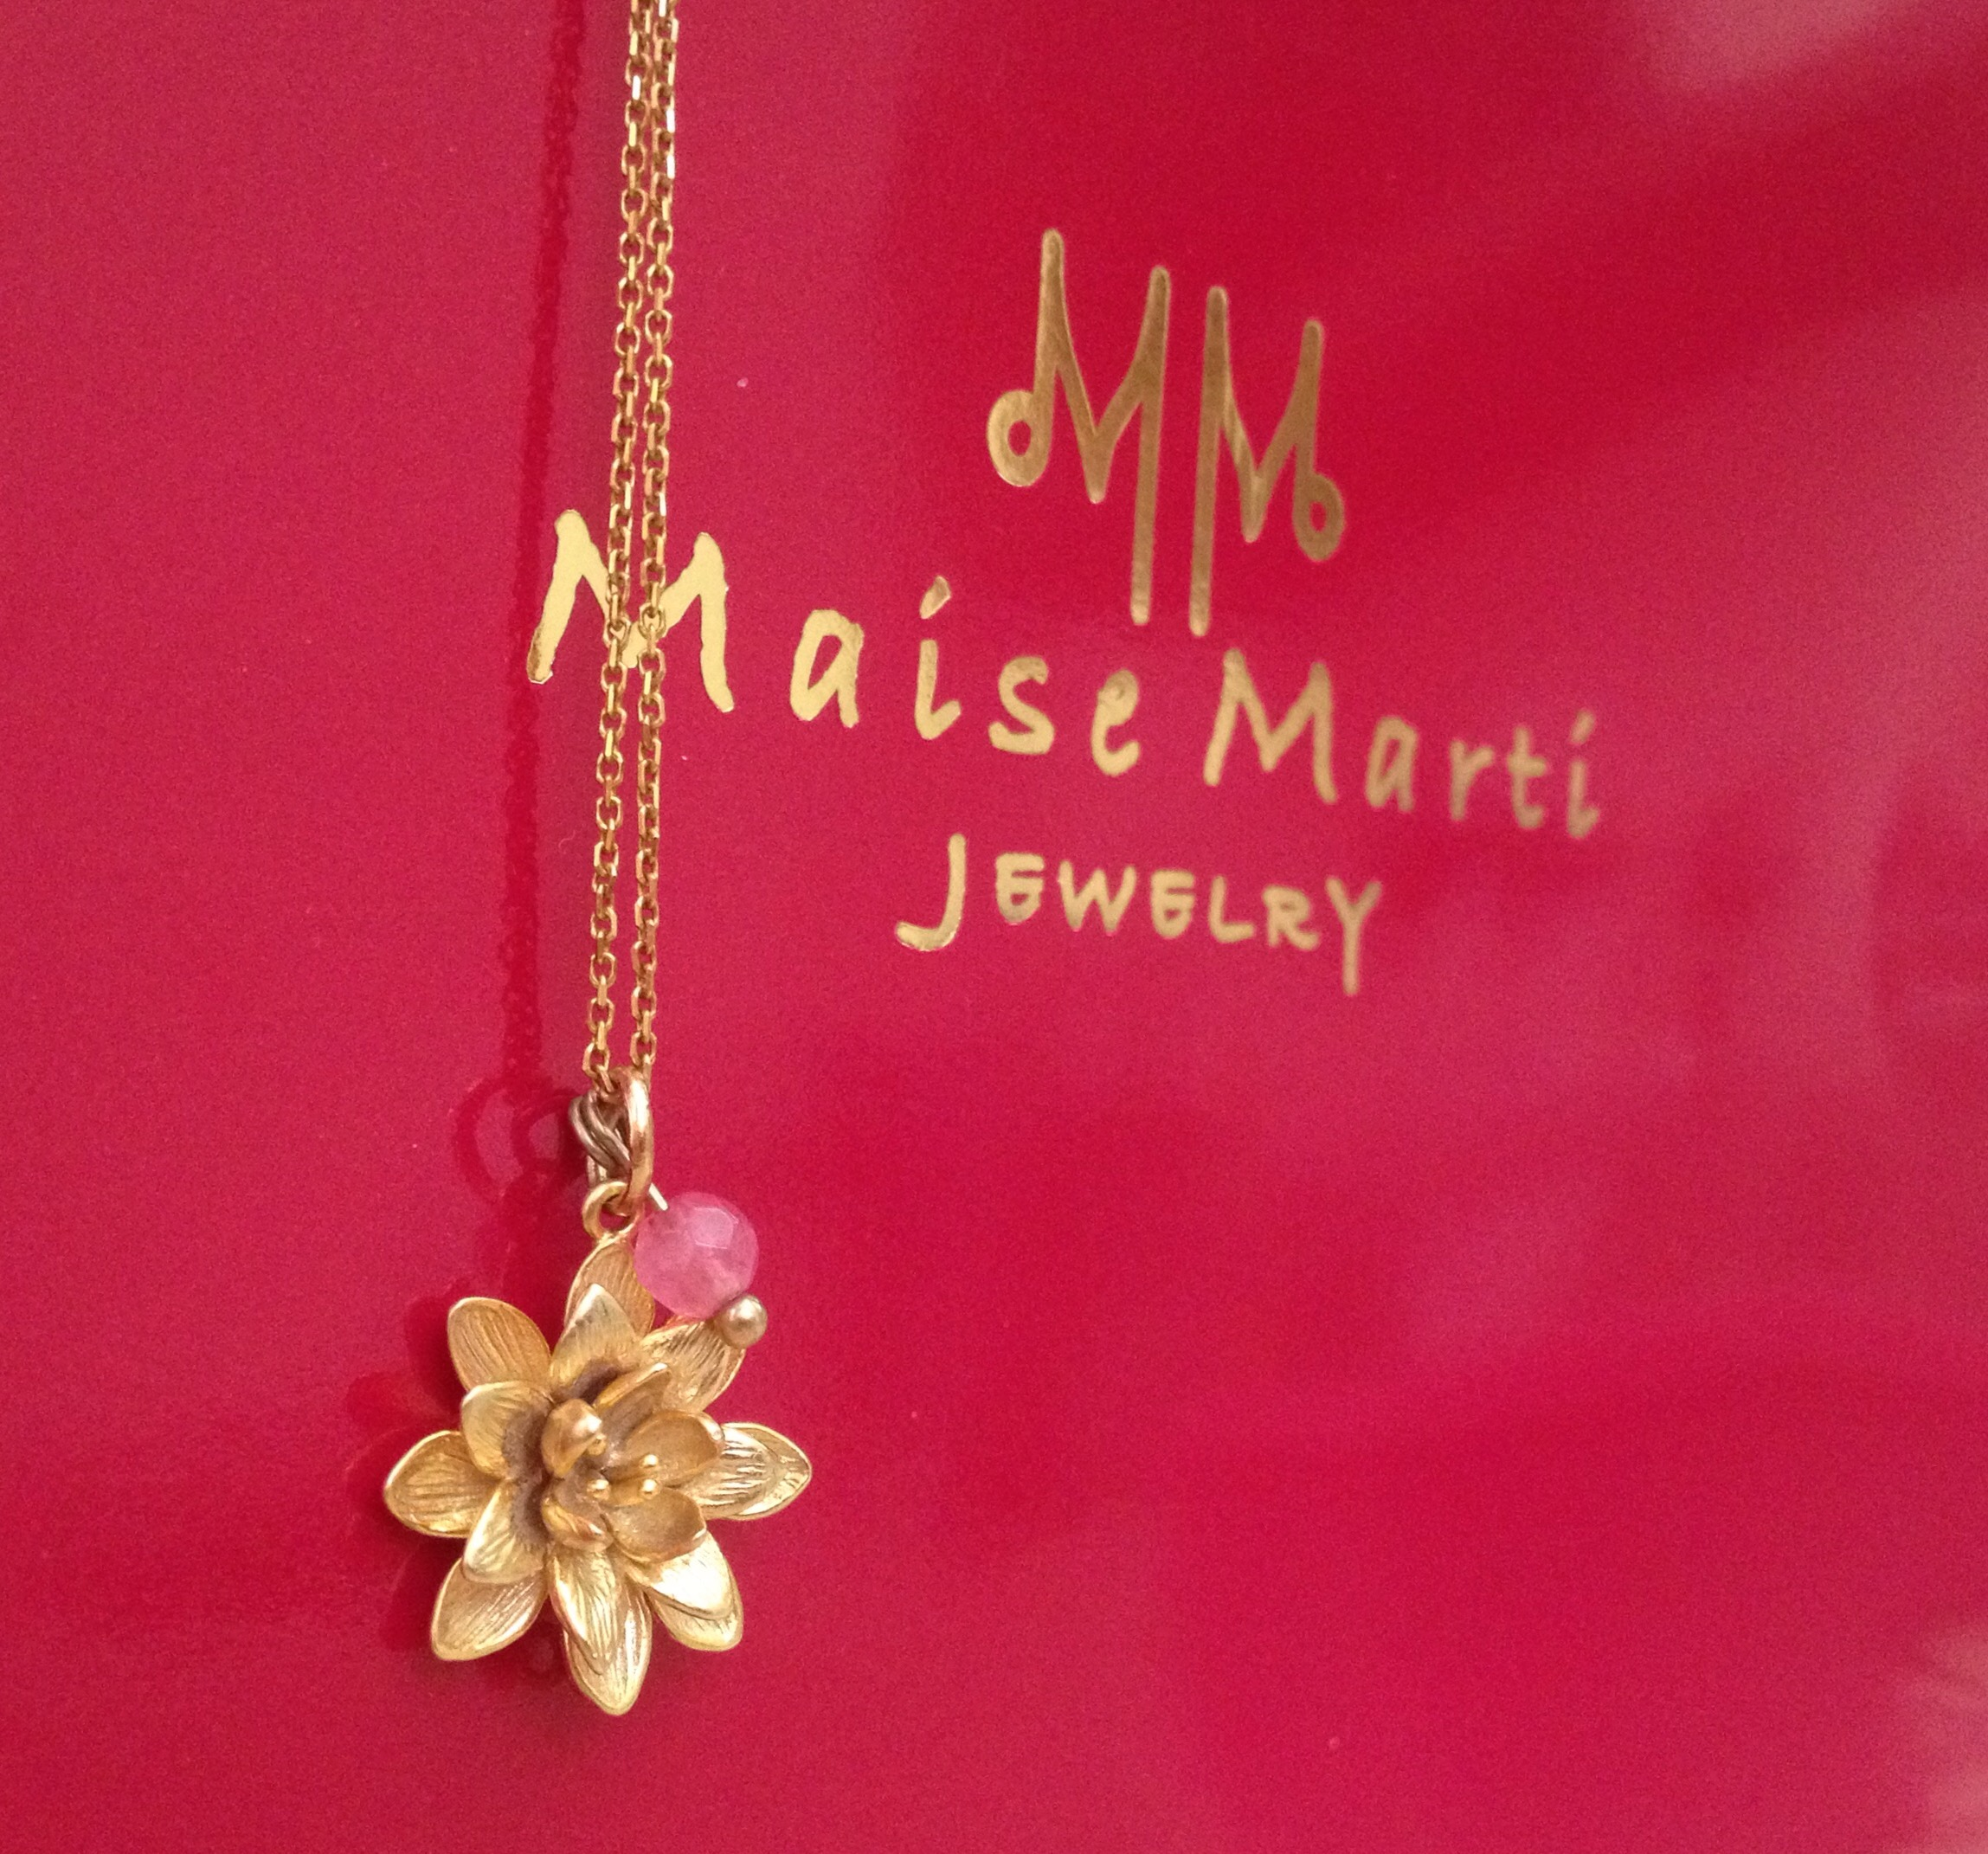 sus tiendas de joyera llamadas ucsilomm by mase martud ocupan cada vez ms espacio en el mundo de la moda su clave joyas originales y modernas a un